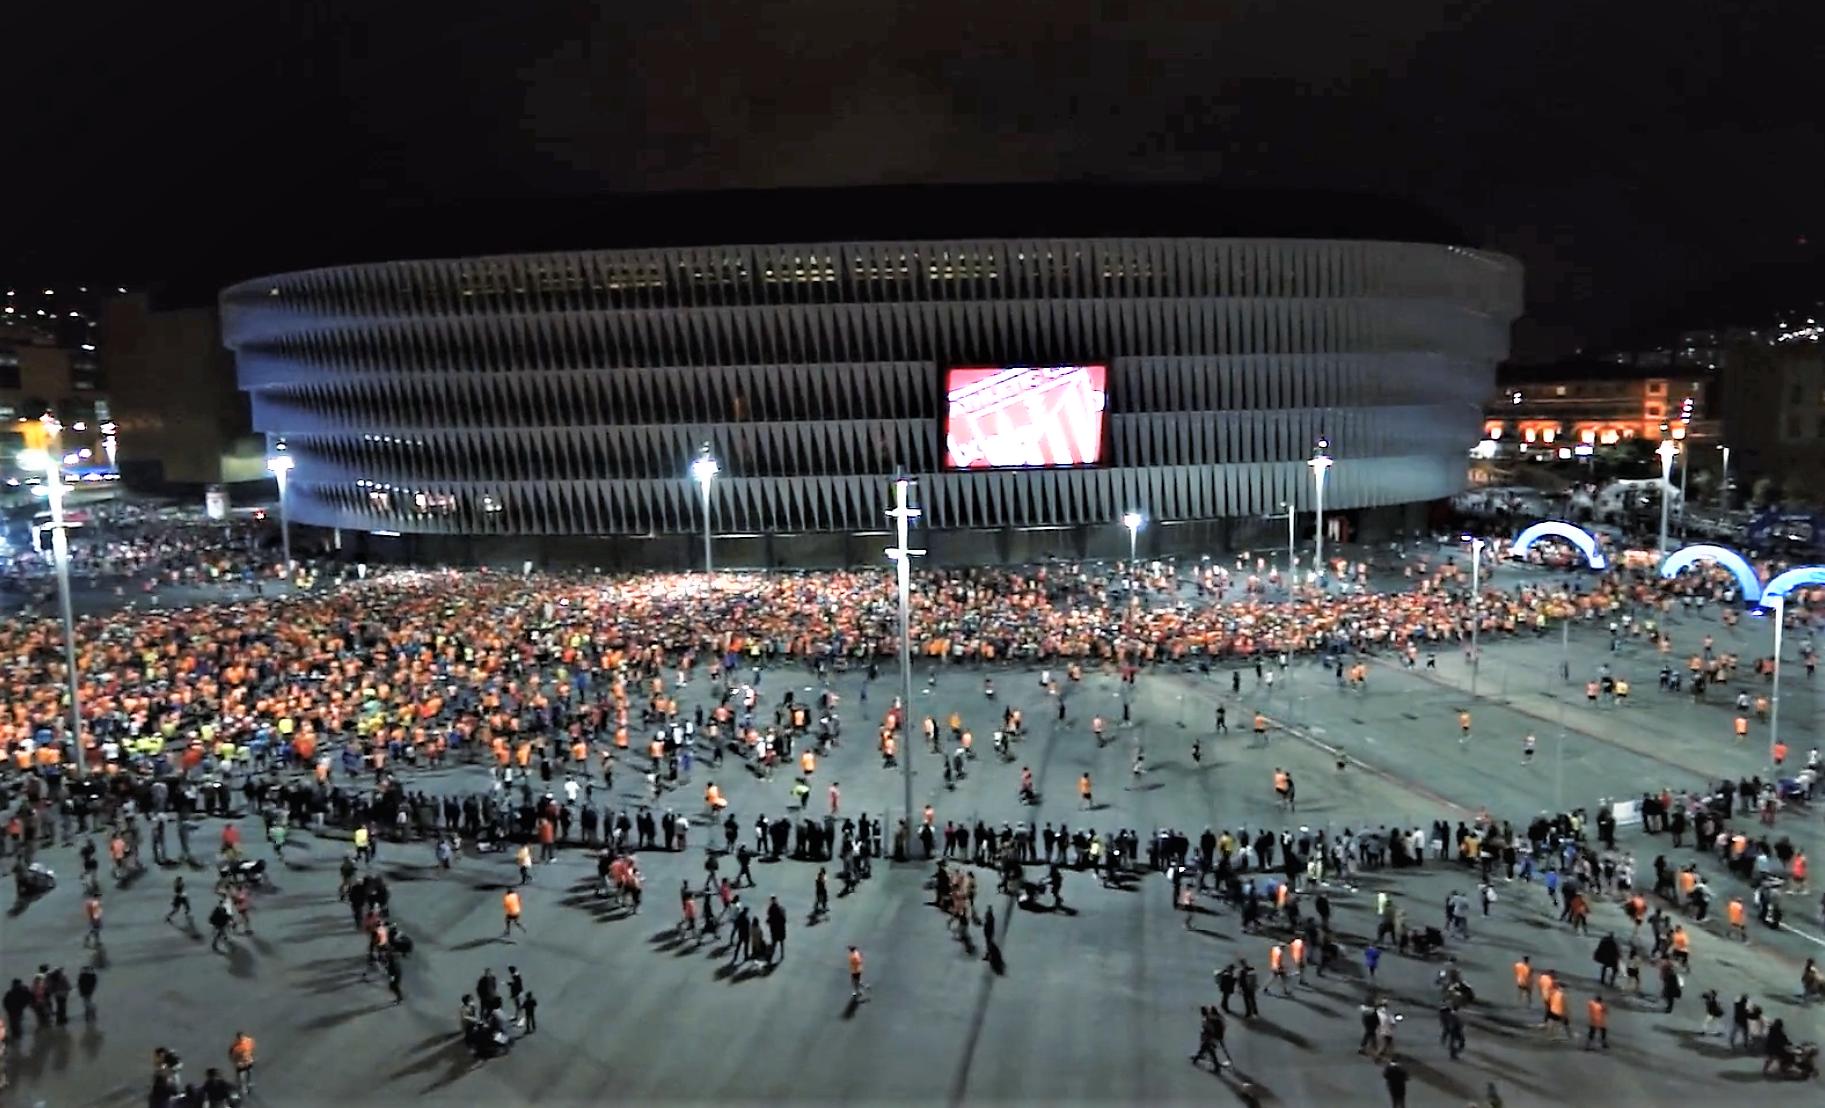 Bilbao Night Marathon 2018 (20-OCT) Doce mil dorsales en la décima edición del único maratón nocturno RFEA. Carreras 10k-21k-42k